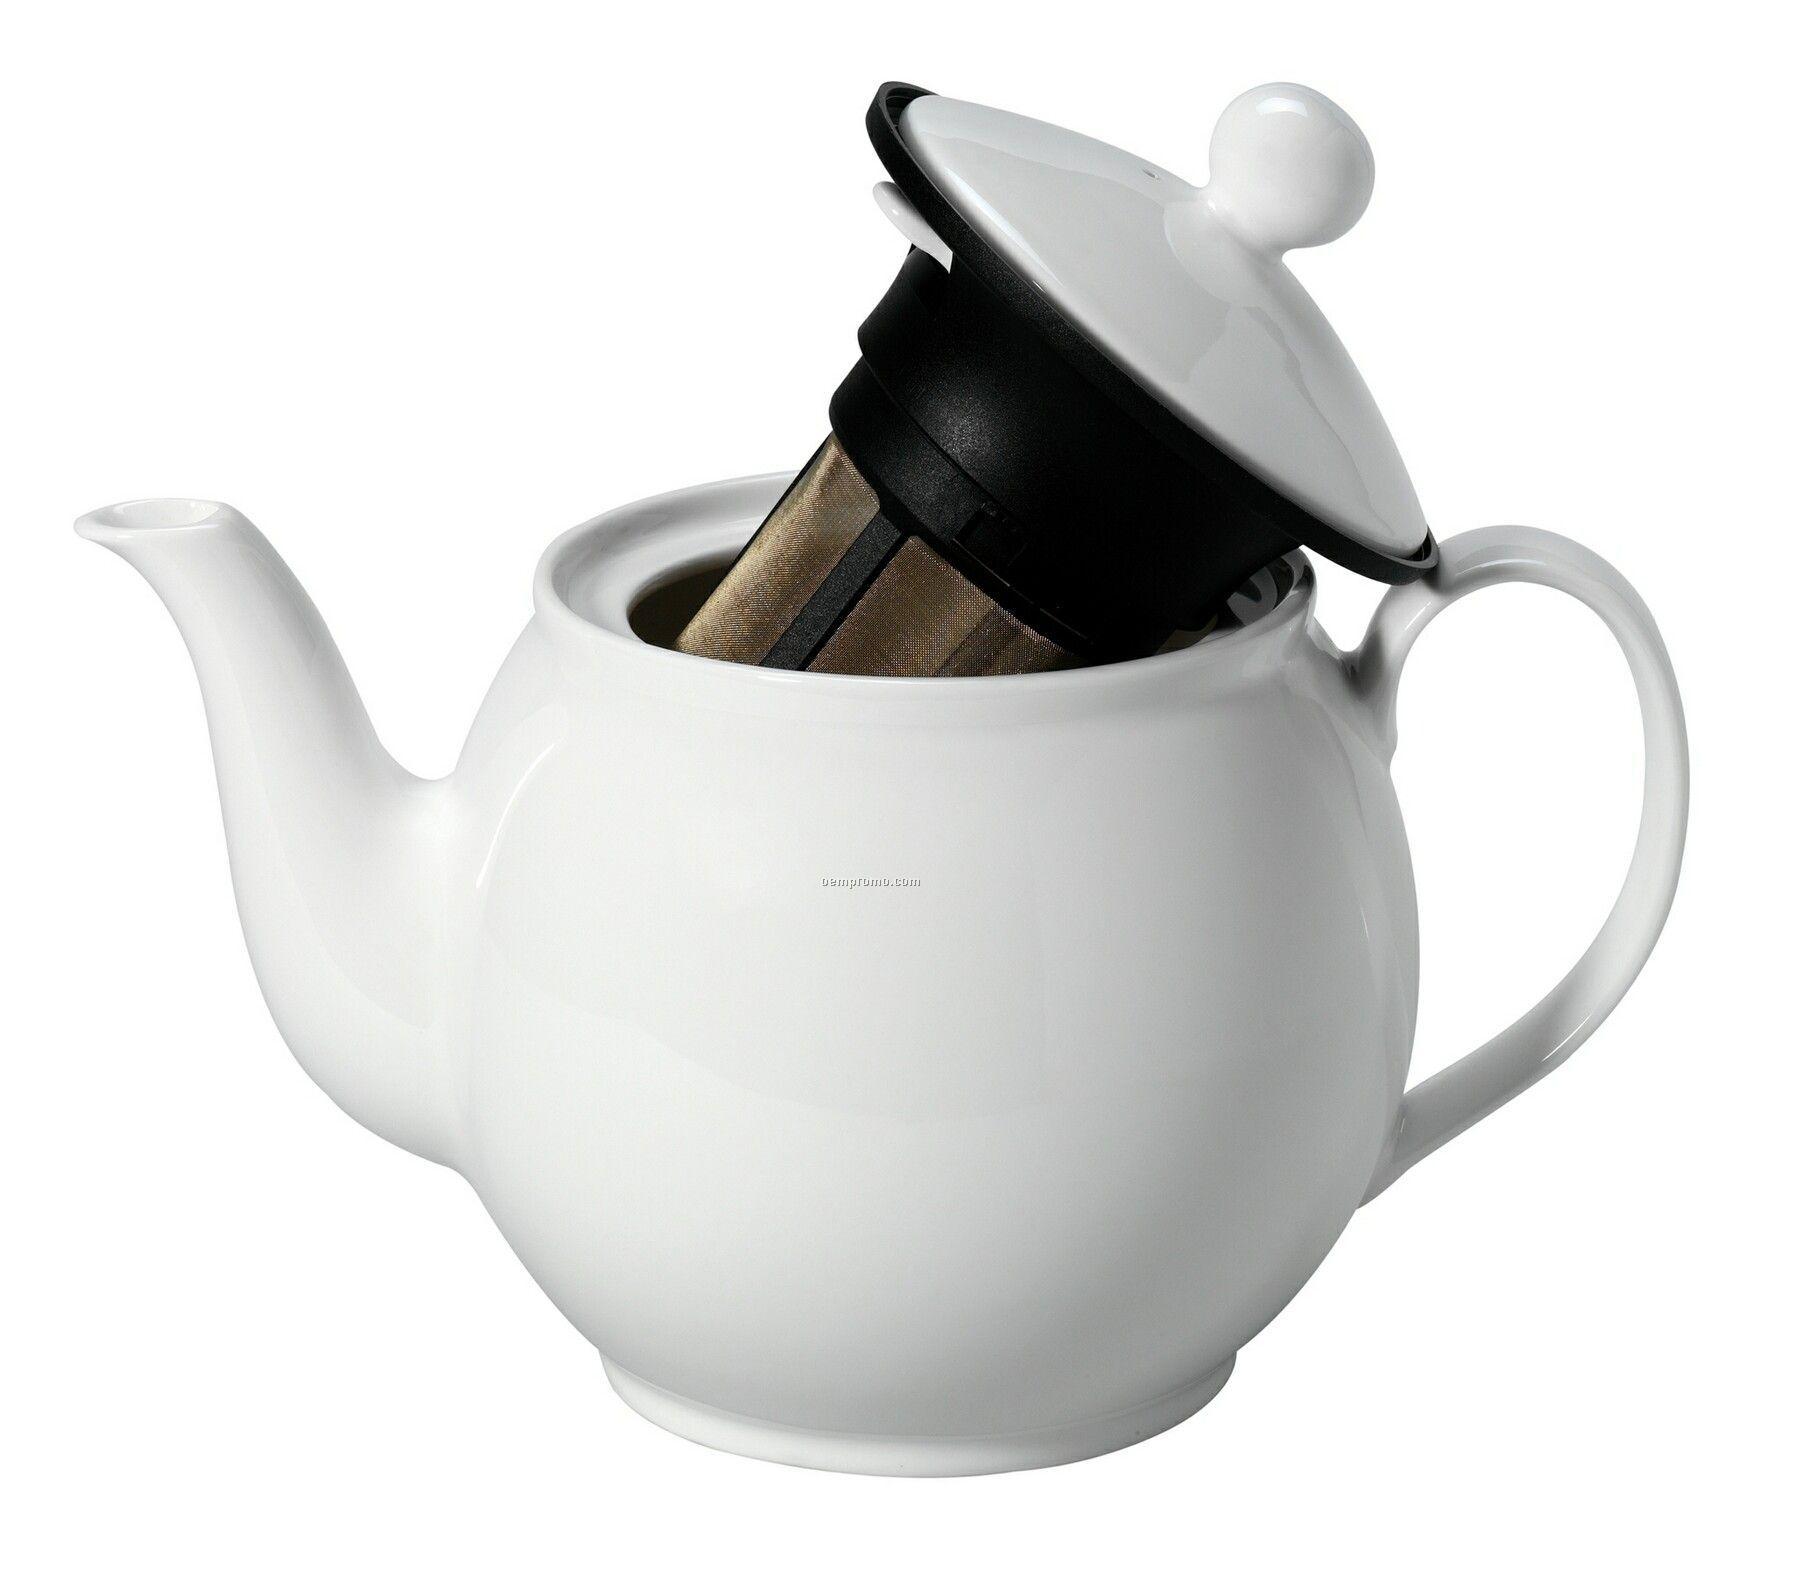 Finum 42 Oz. English Tea Pot